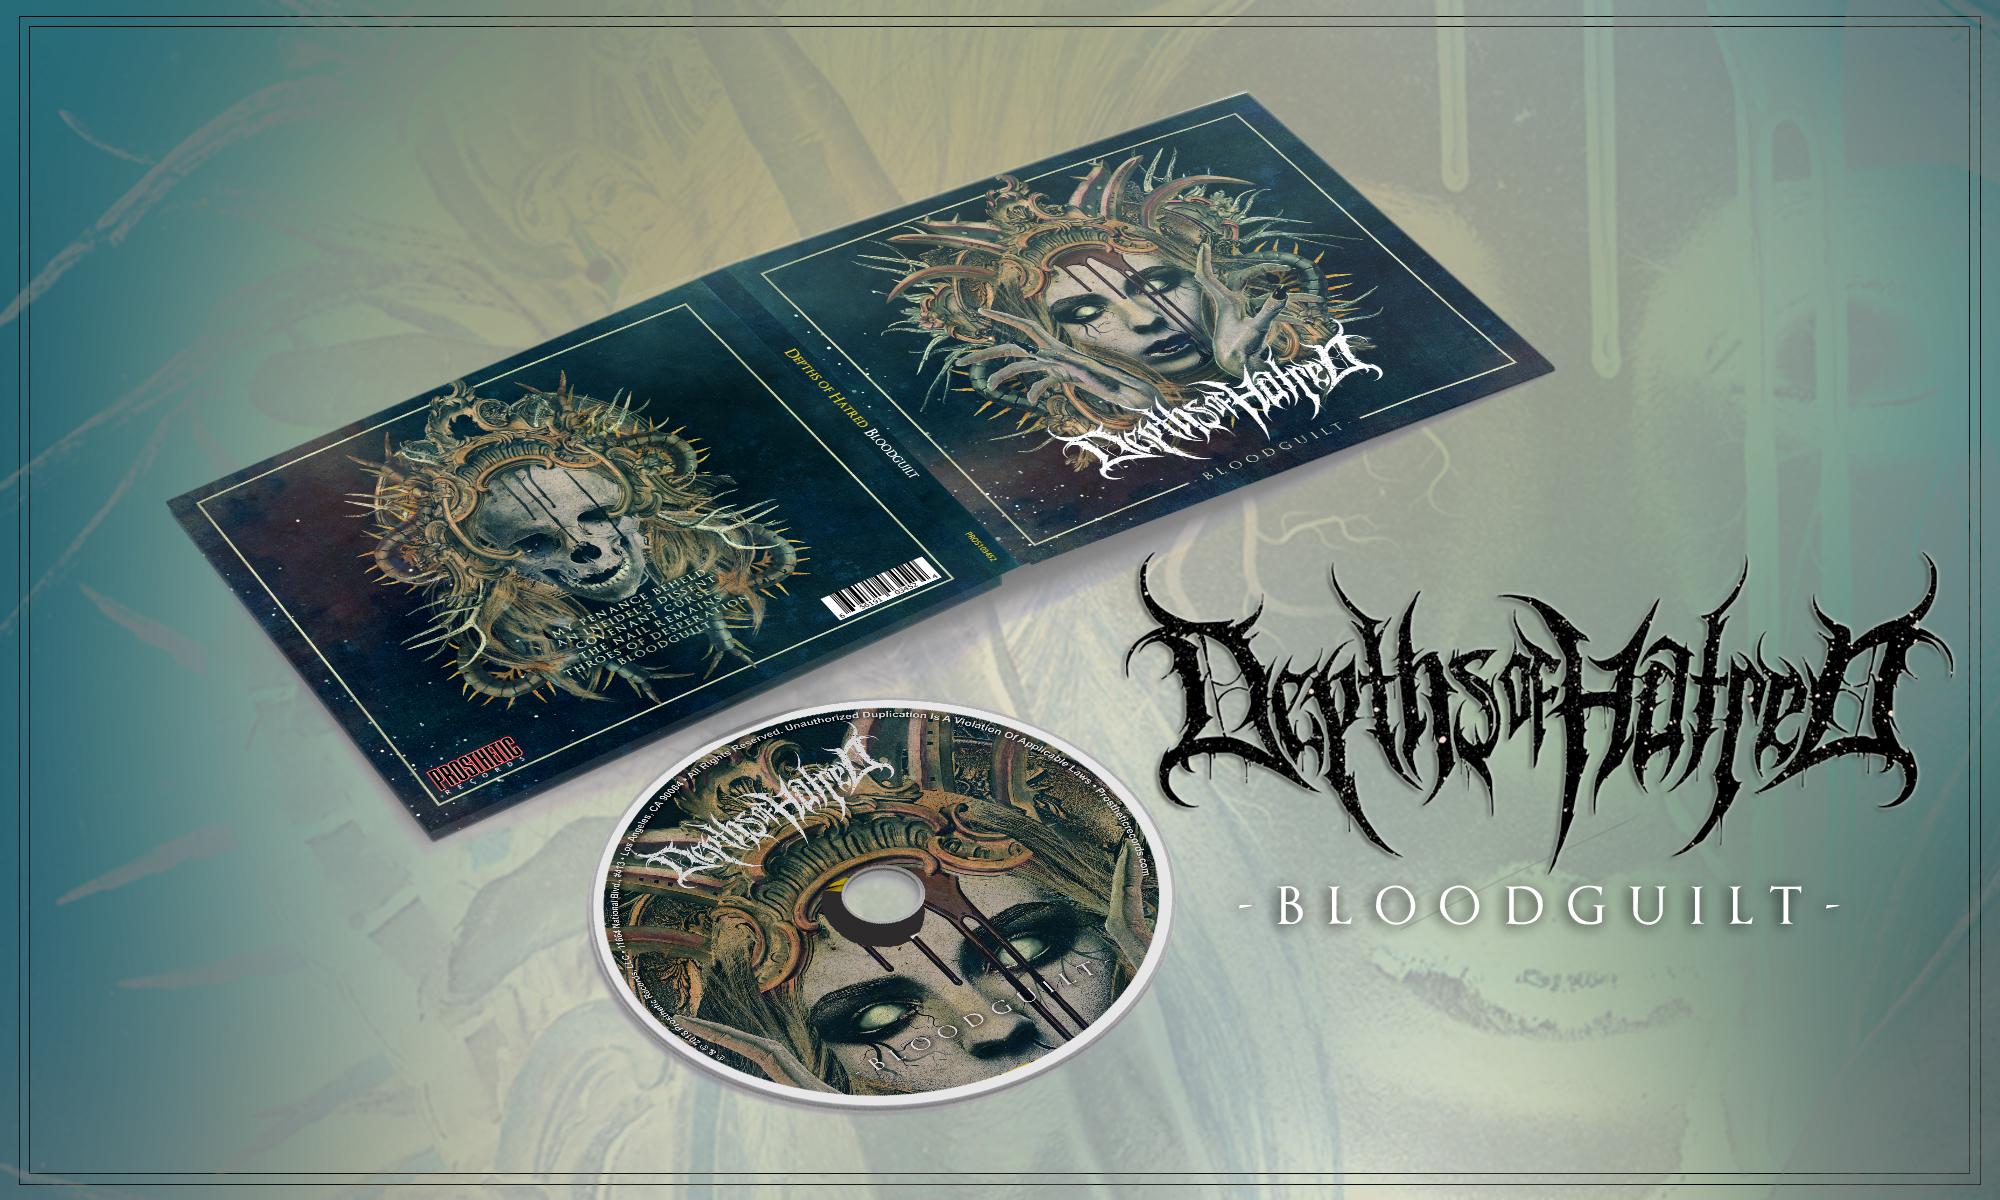 Bloodguilt